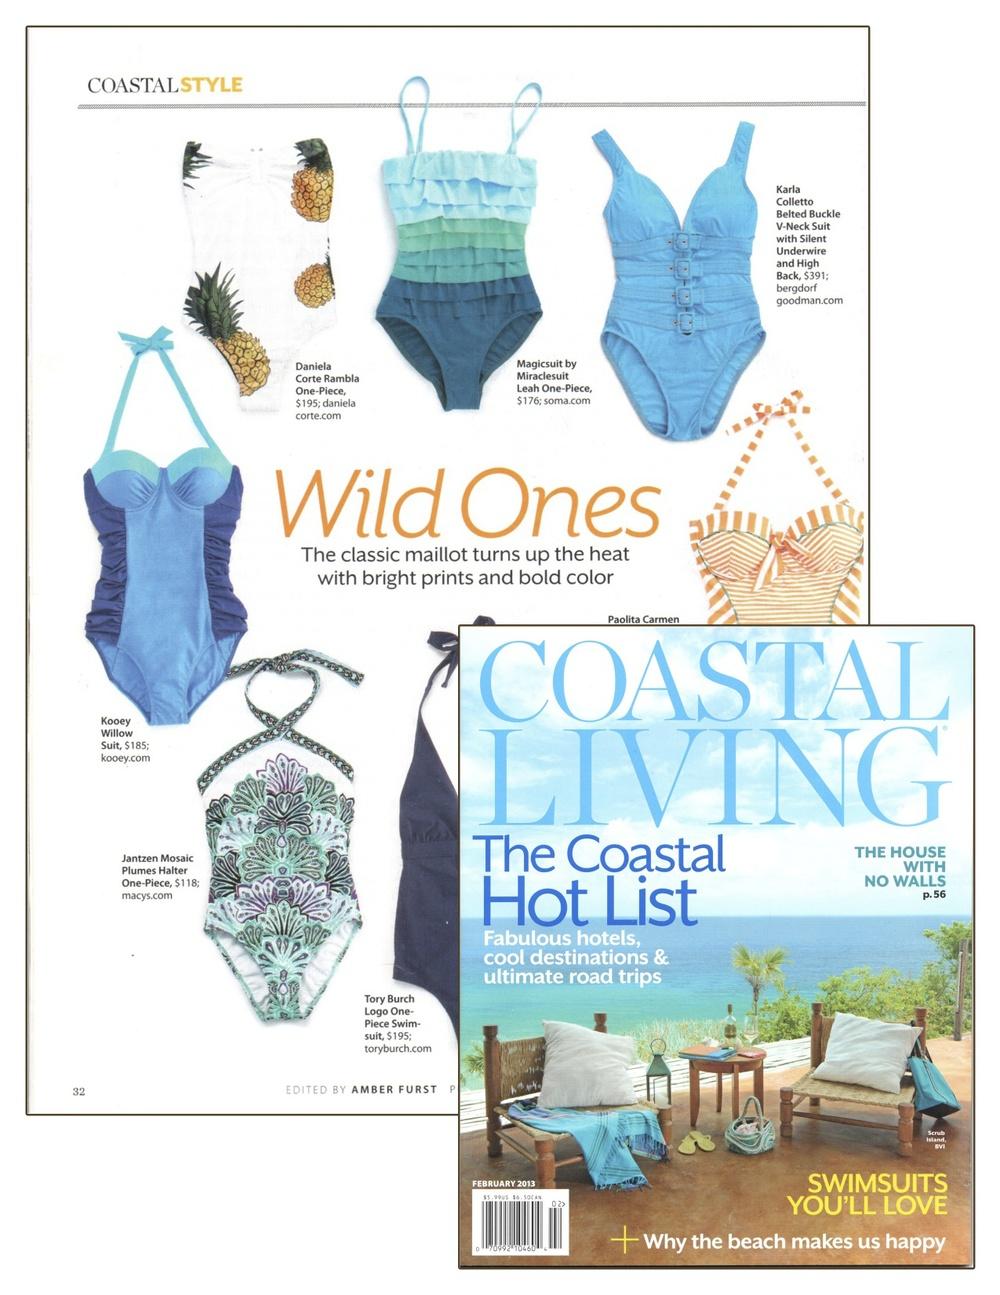 February 2013 - Coastal Living- Daniela Corte.jpg